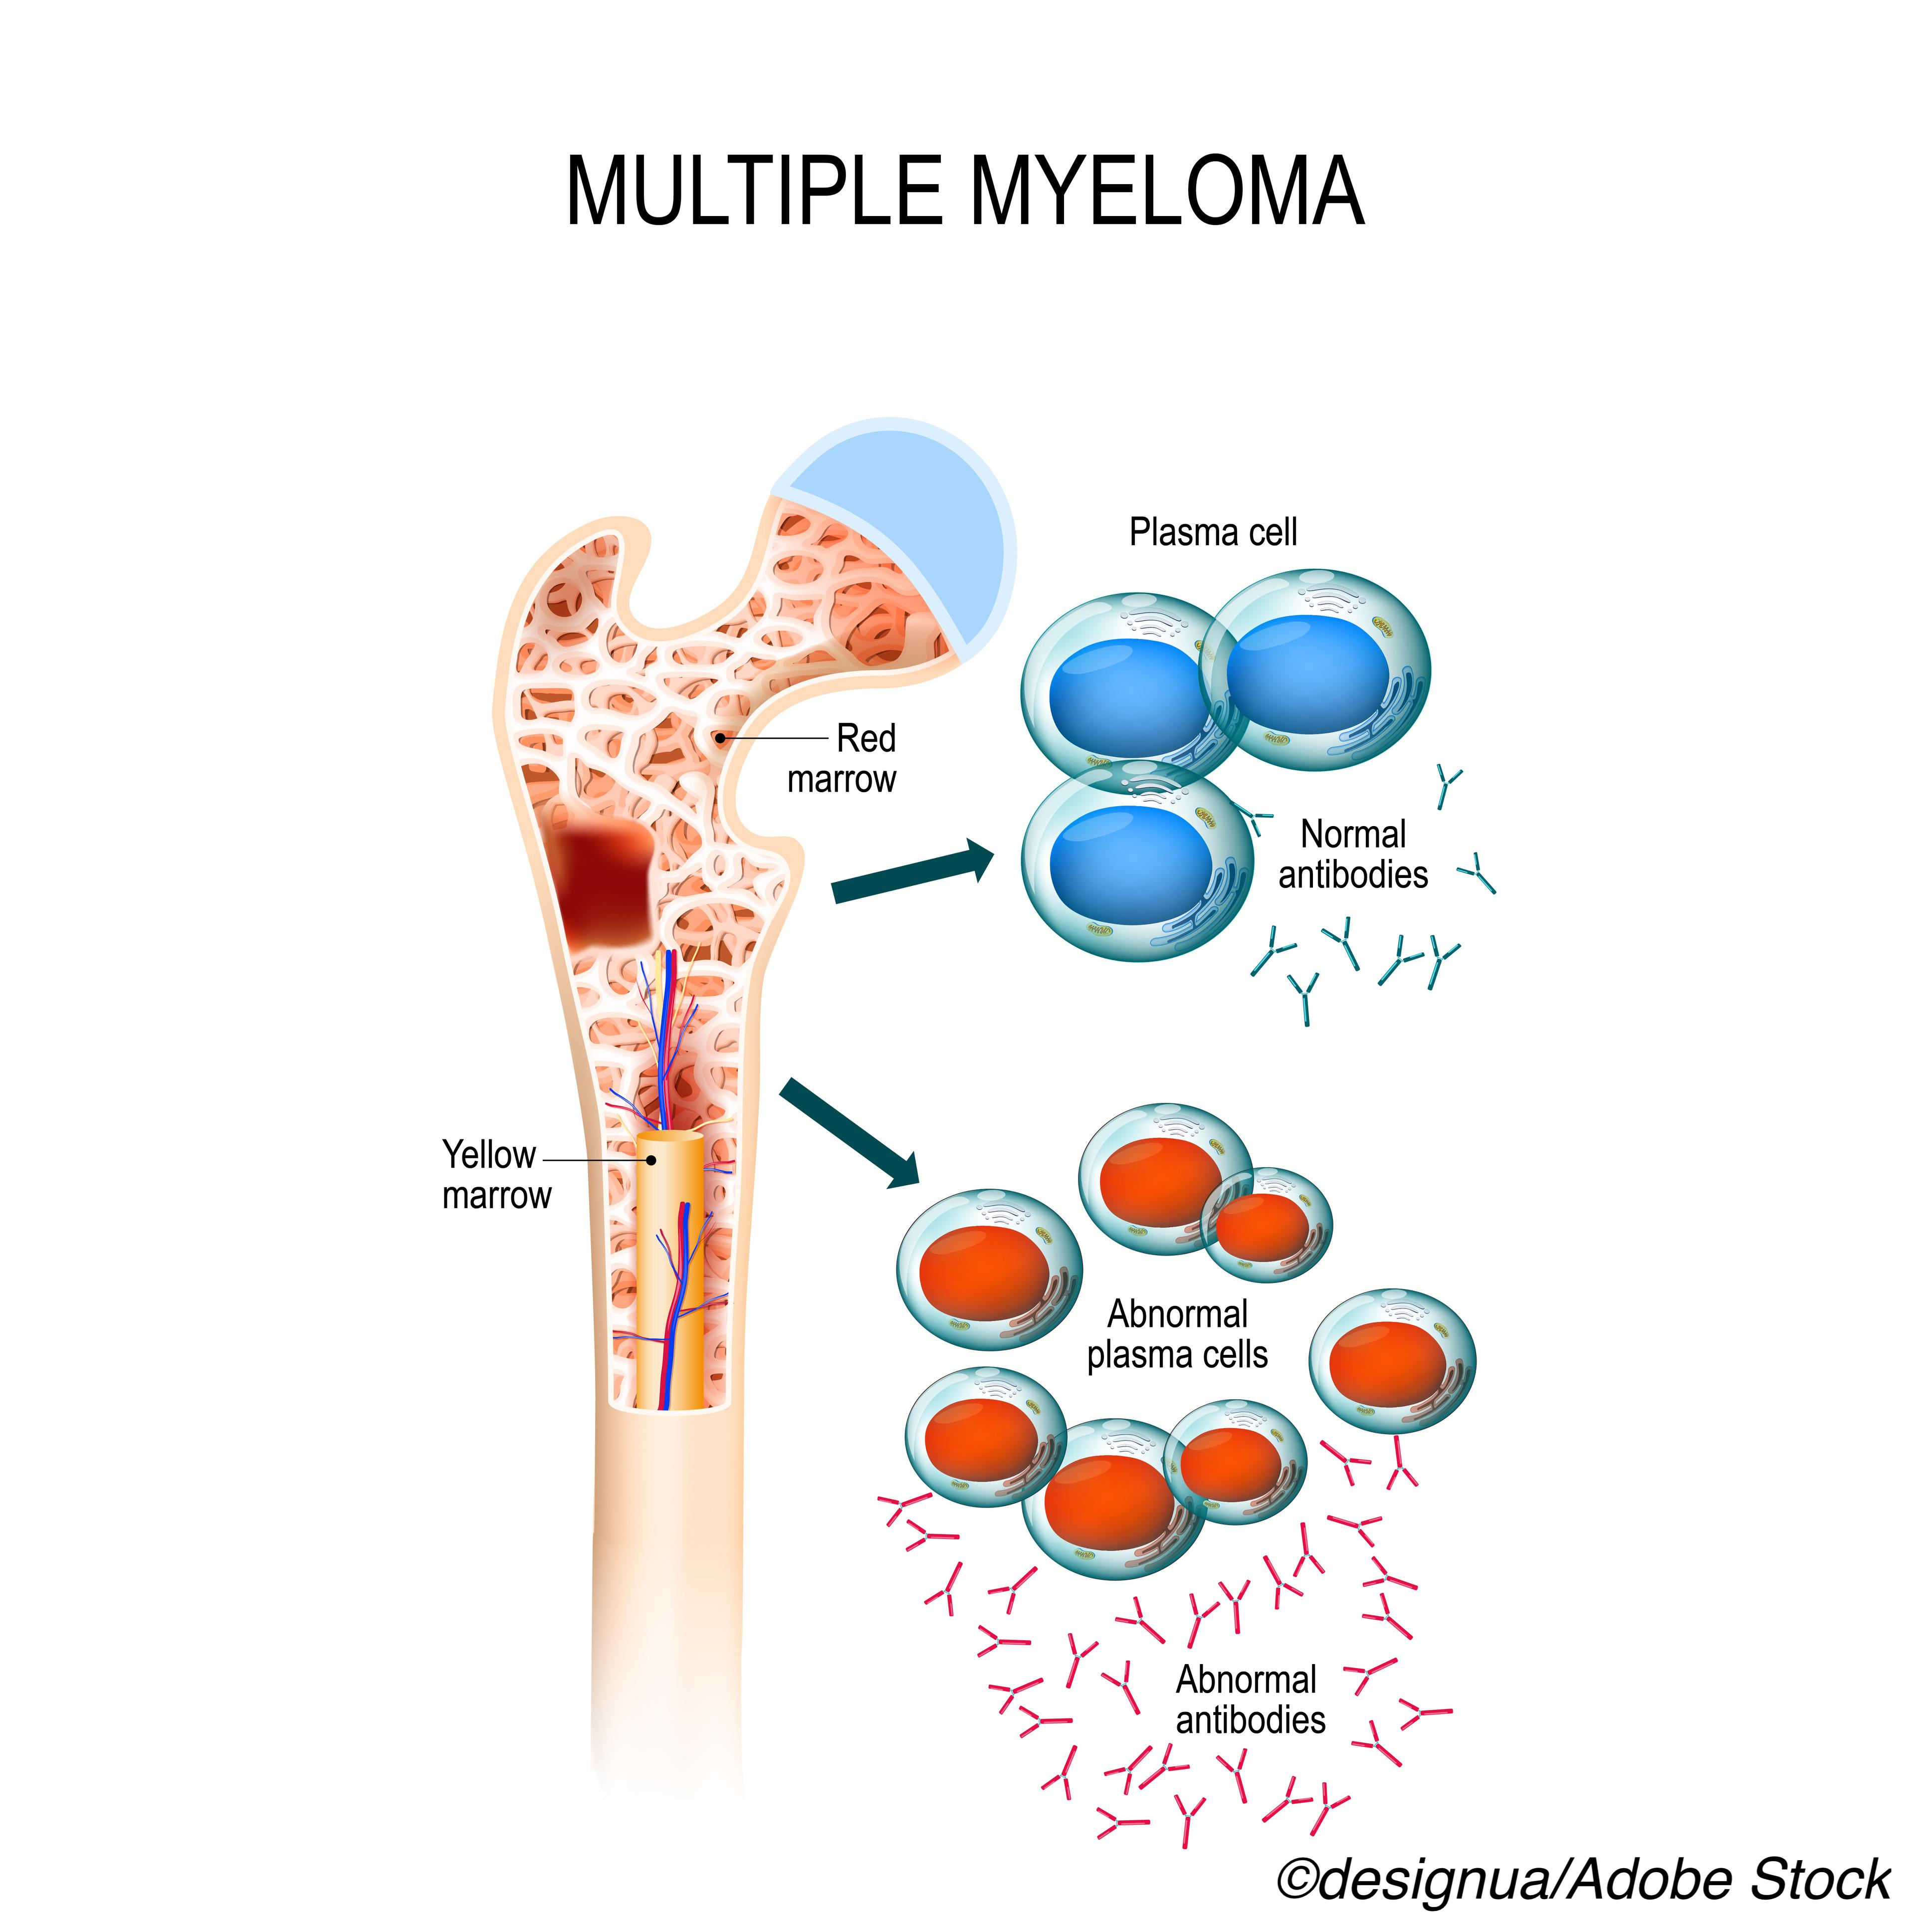 FDA OKs Melflufen Plus Dexamethasone for Relapsed or Refractory Multiple Myeloma